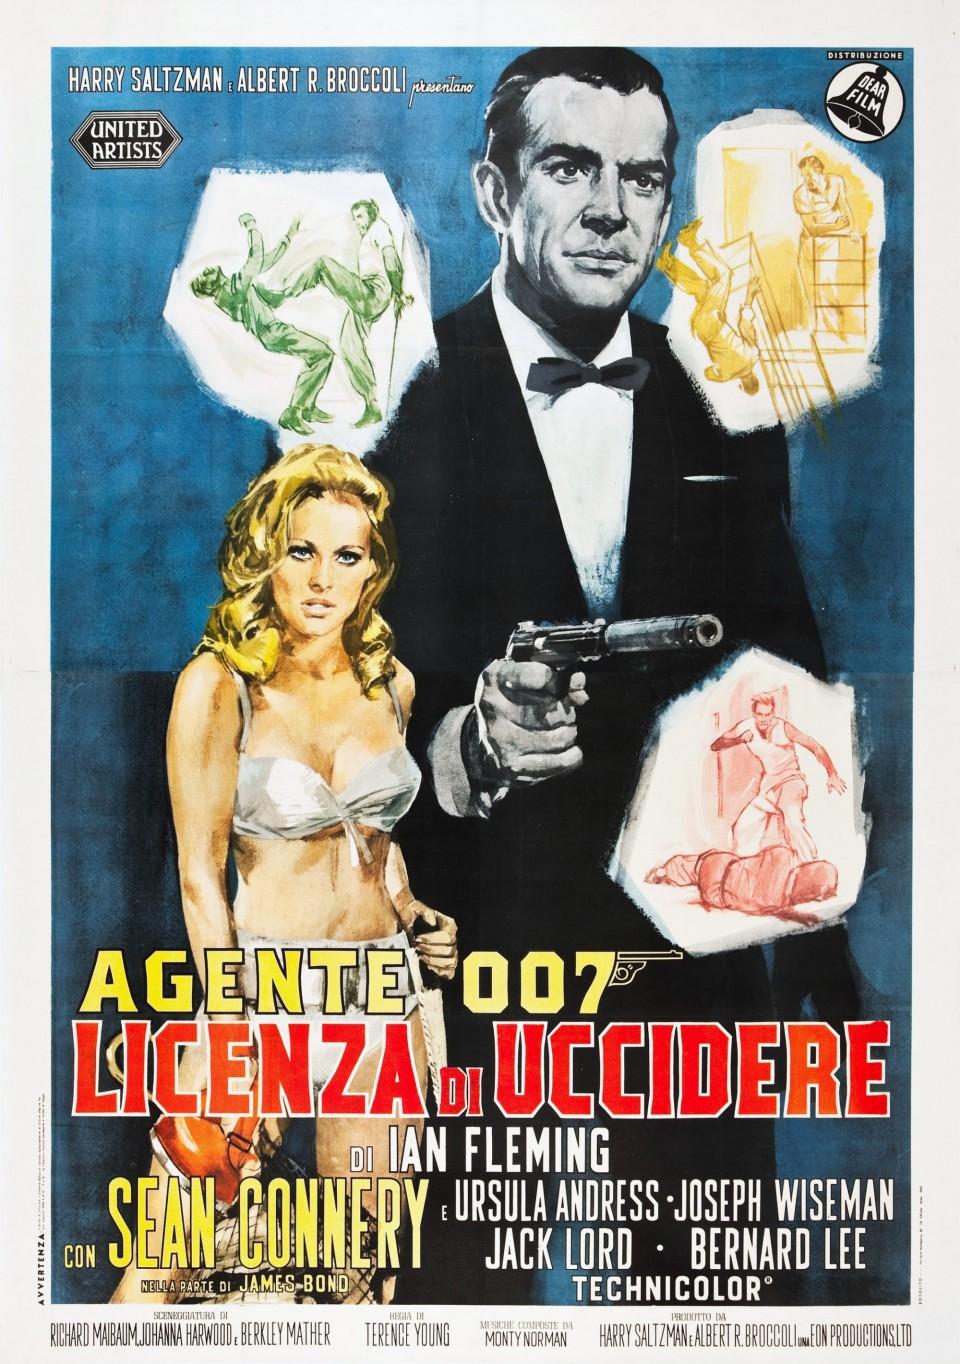 007 - 01 Licenza di uccidere